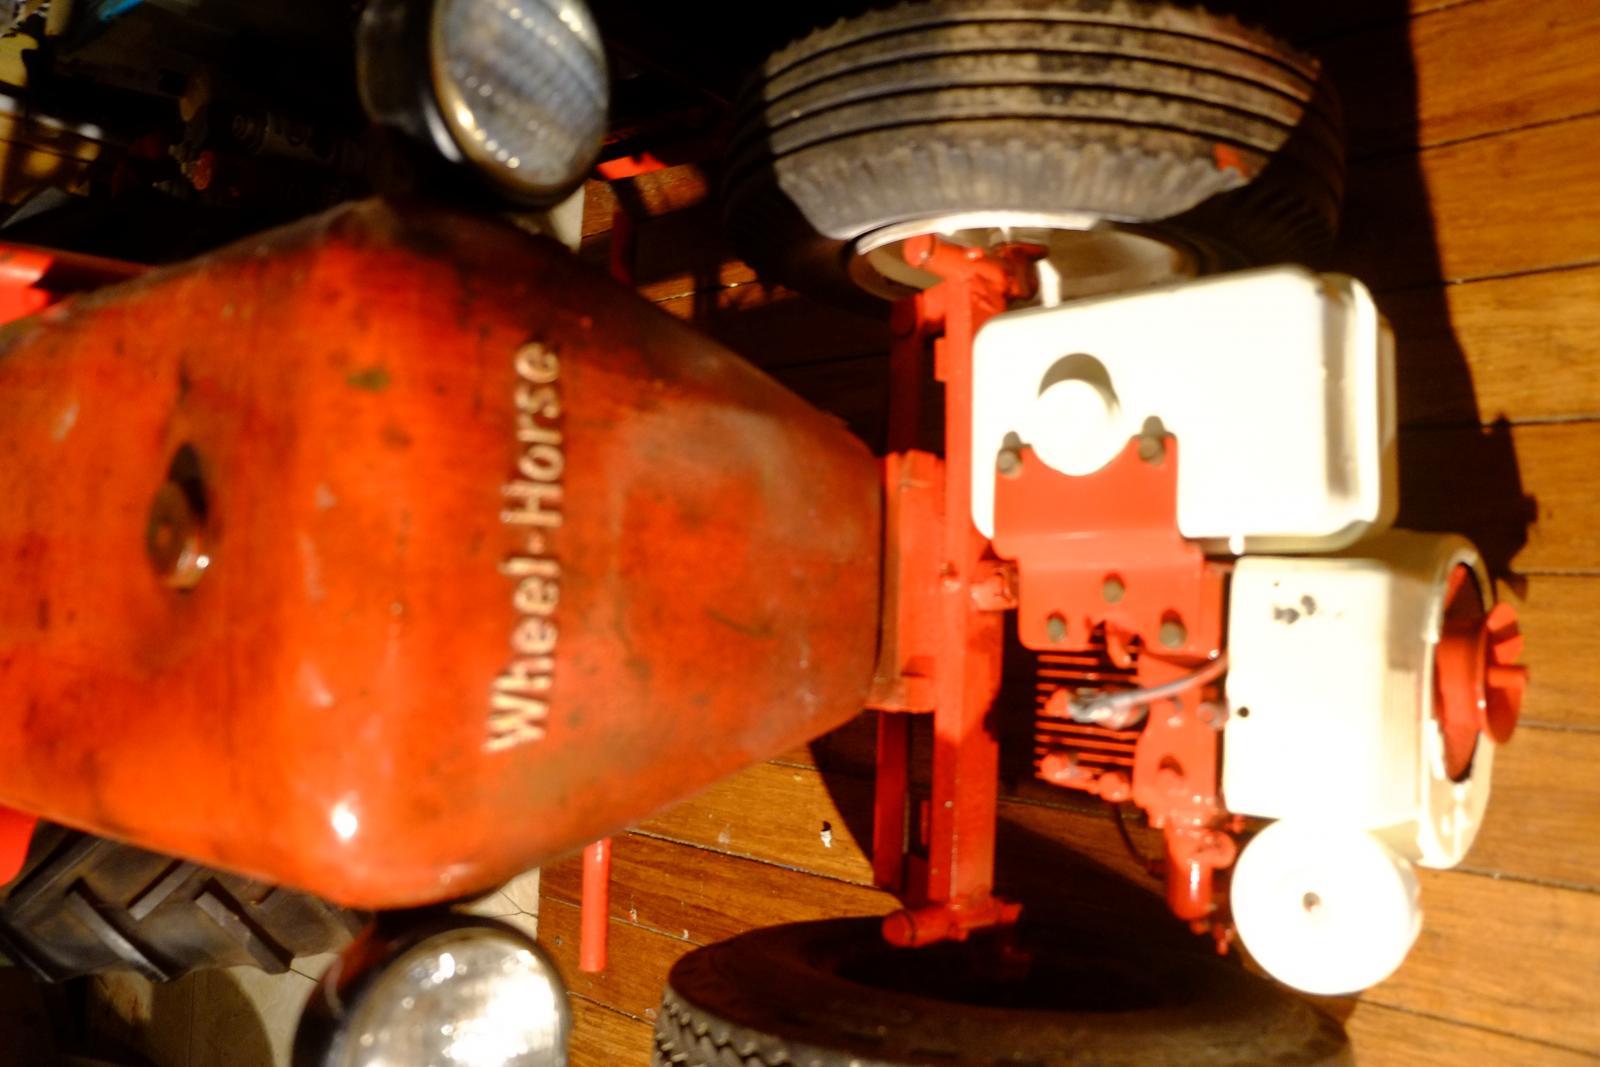 DSCF6487.JPG